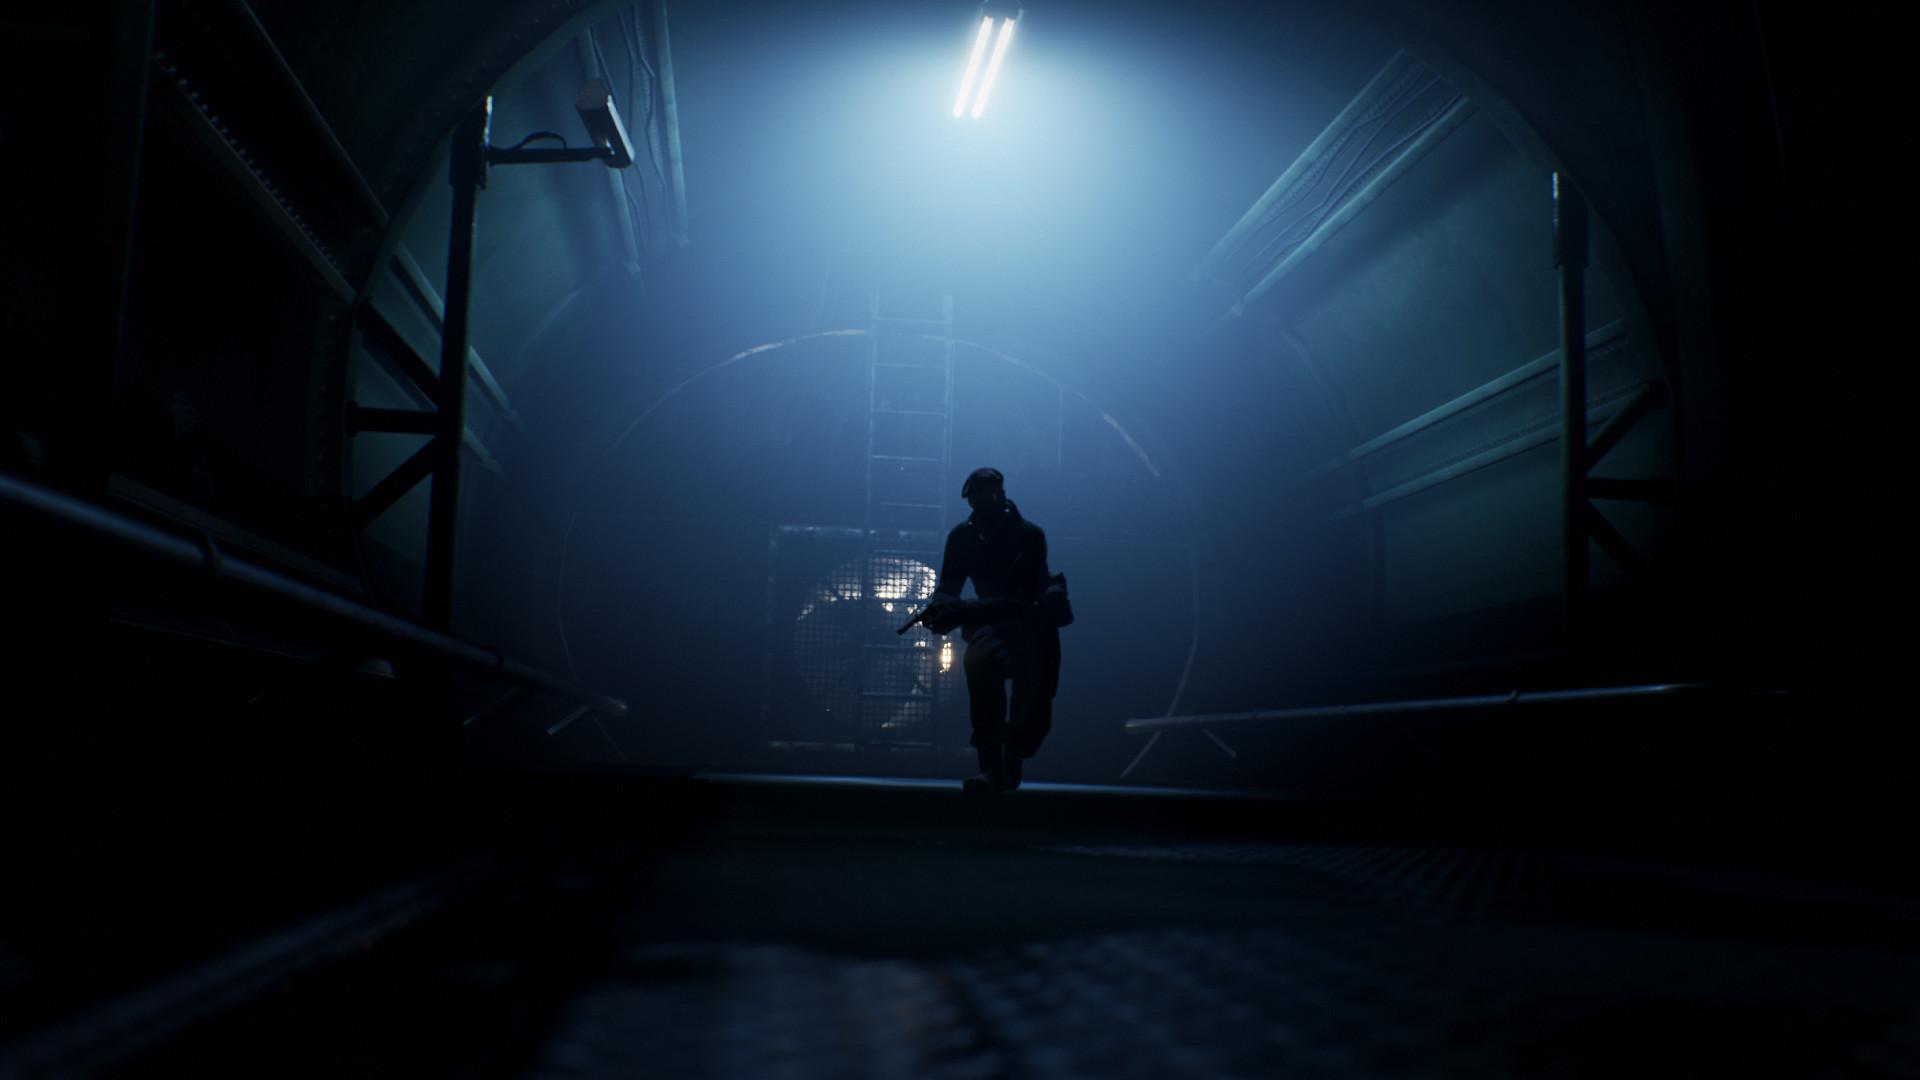 《秘密潜入:起源》新预告片 2021年登陆三大平台